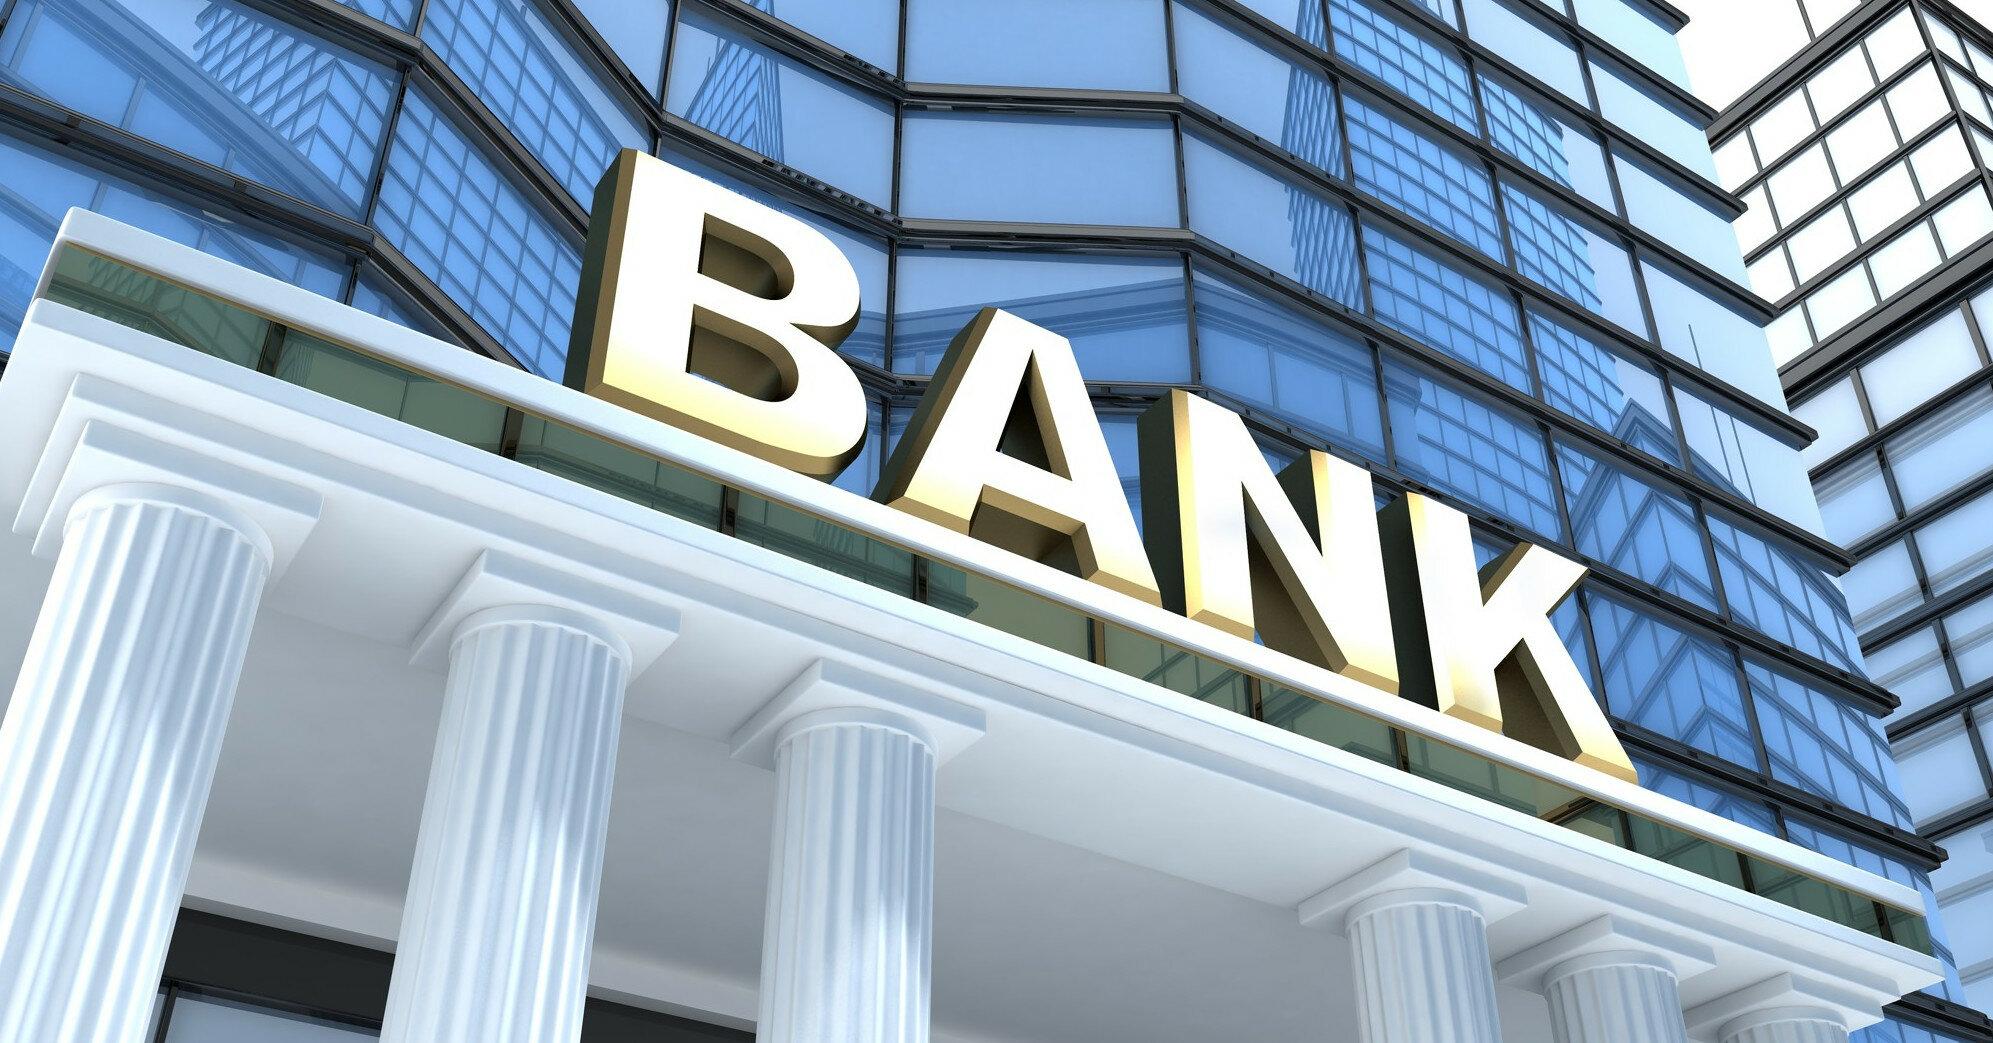 ПриватБанк и Ощадбанк продадут: причины и последствия